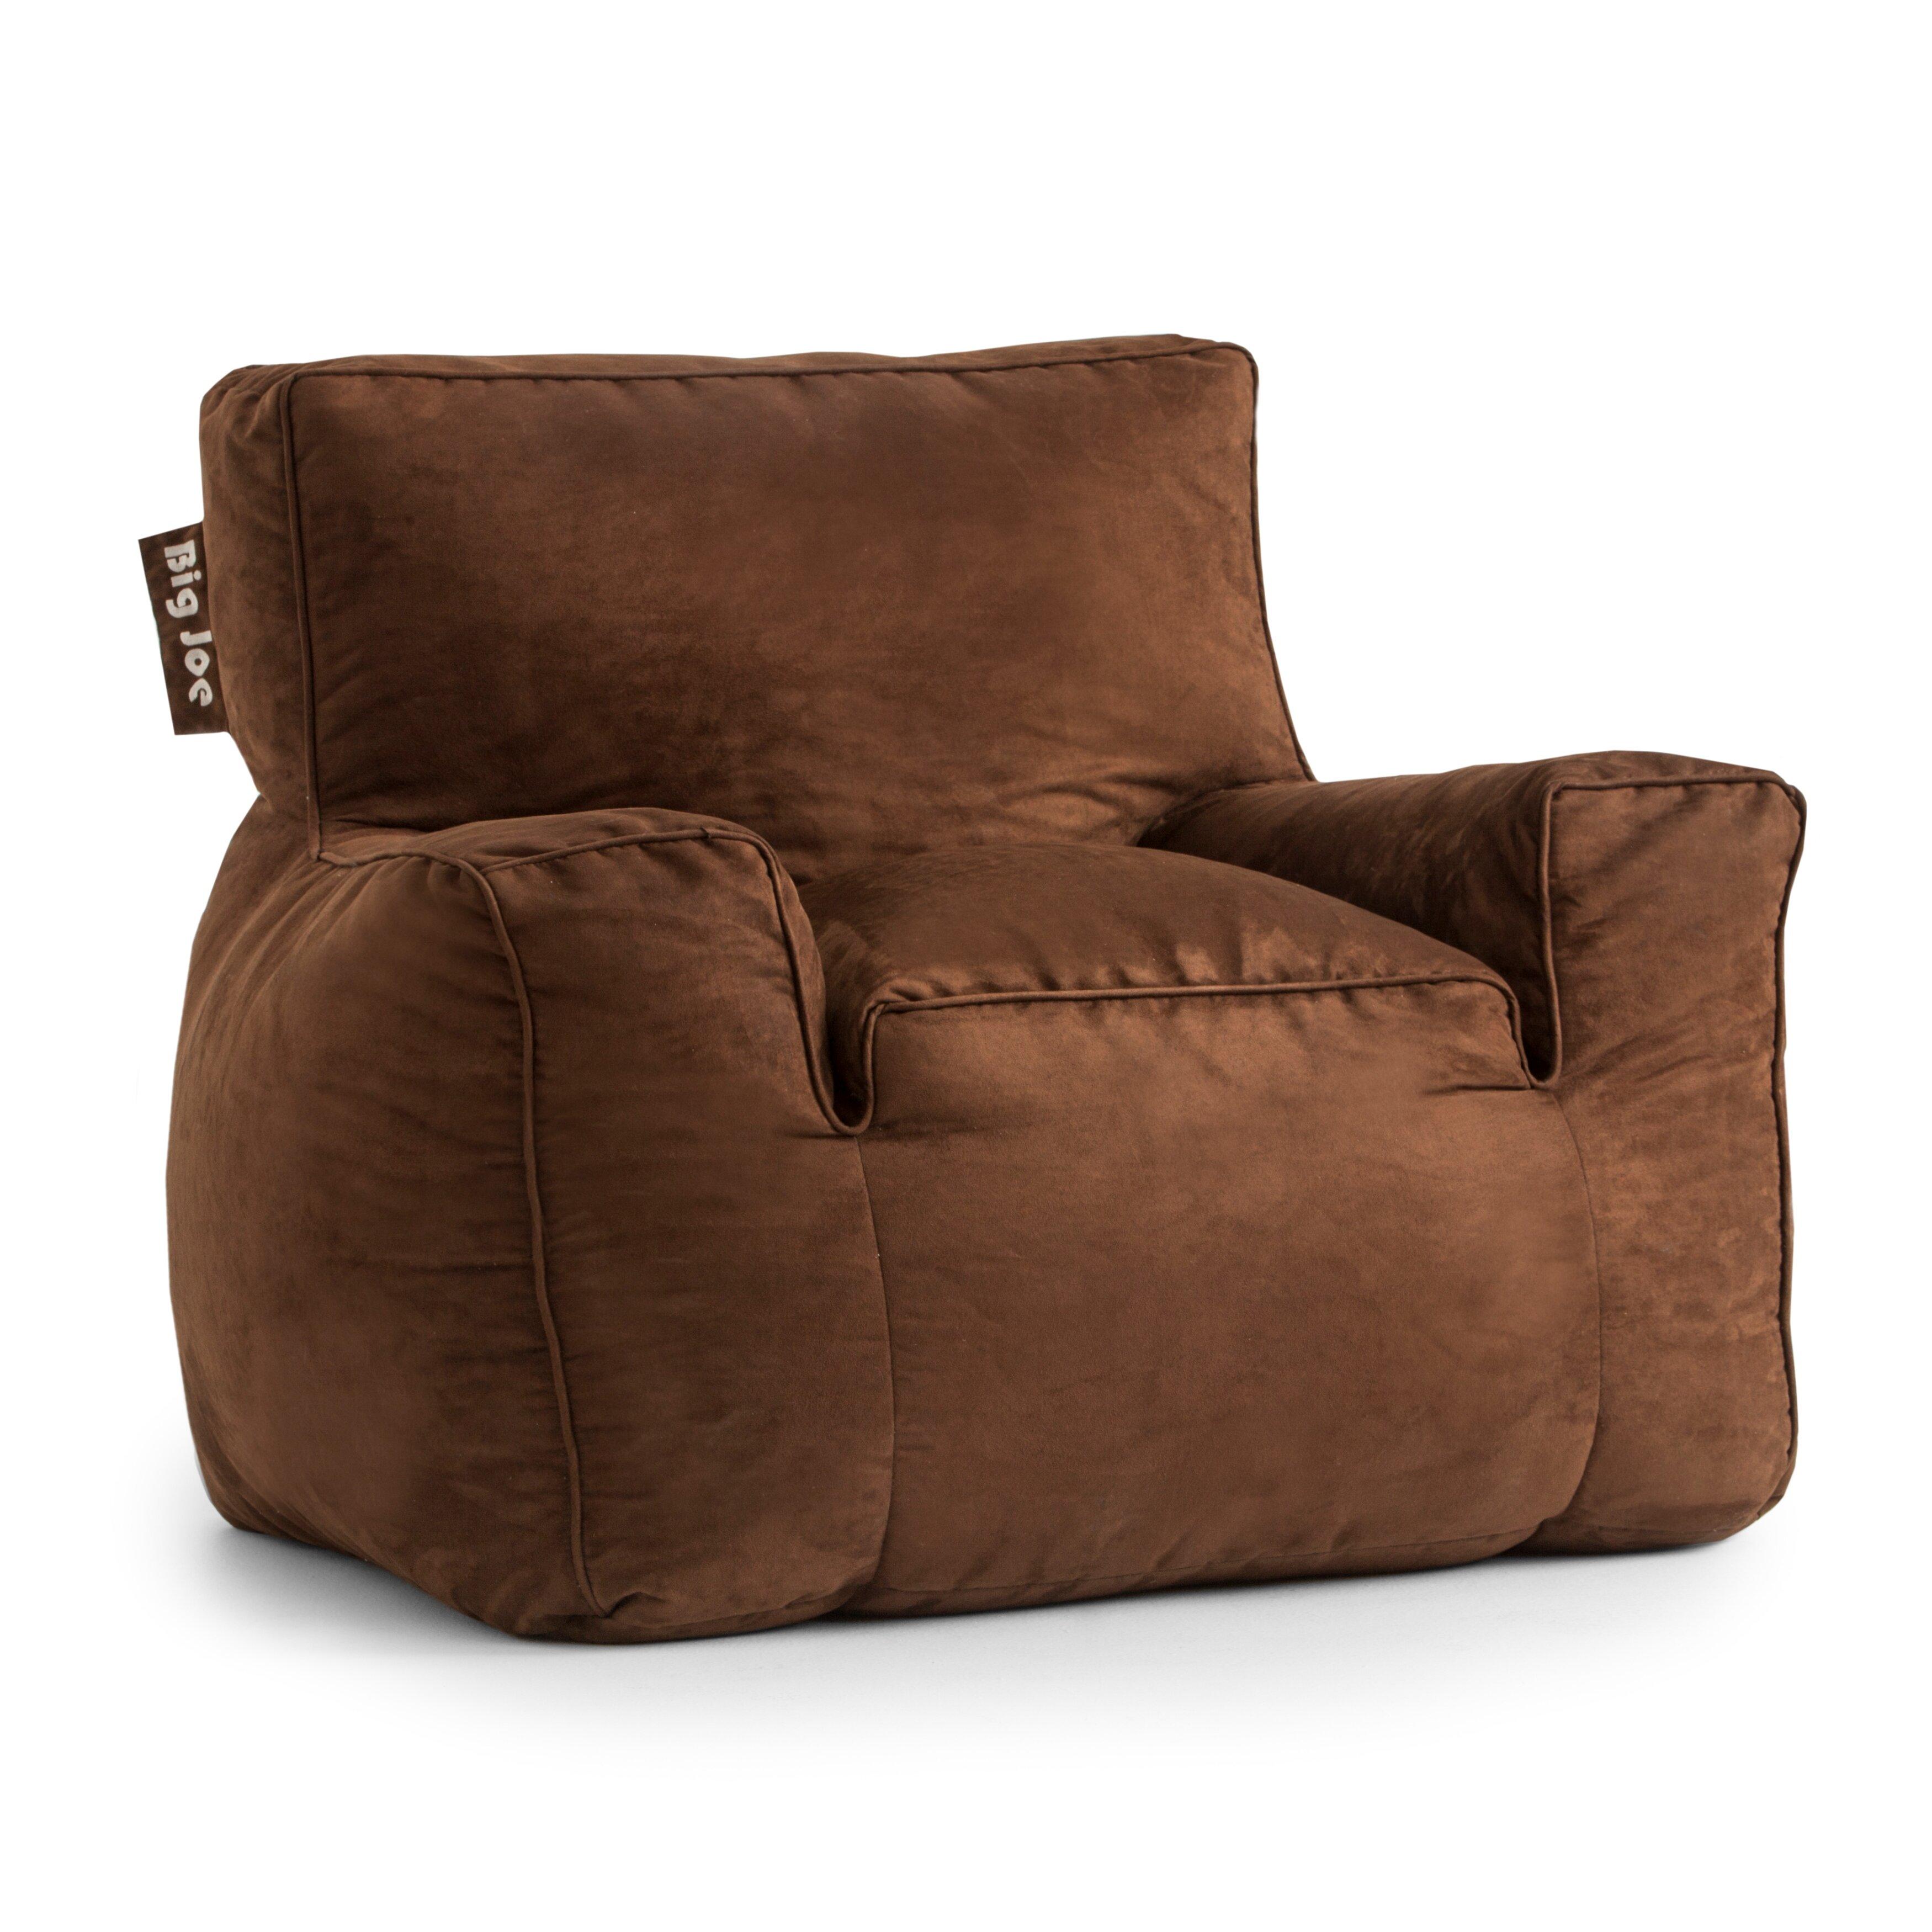 Comfort Research Big Joe Suite Bean Bag Lounger Amp Reviews